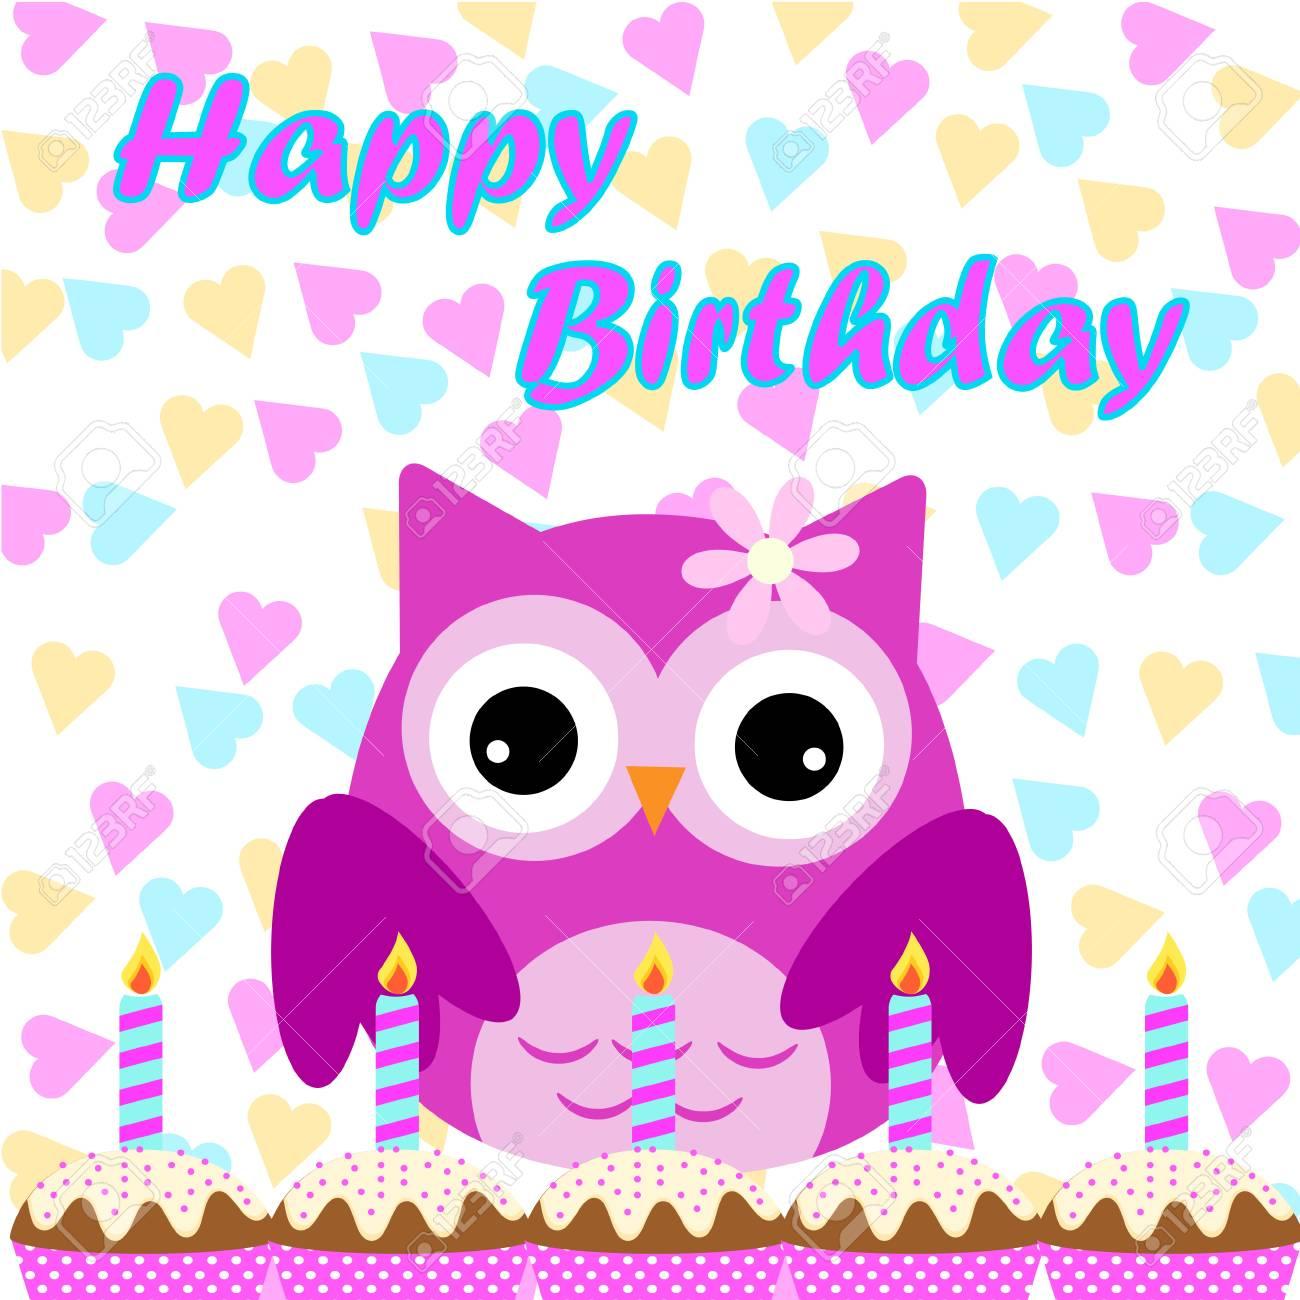 Tarjeta De Cumpleaños Con Lindo Búho Y Pastel De Cumpleaños Vector De Dibujos Animados Para La Invitación De Cumpleaños Del Niño Bandera Y Postal